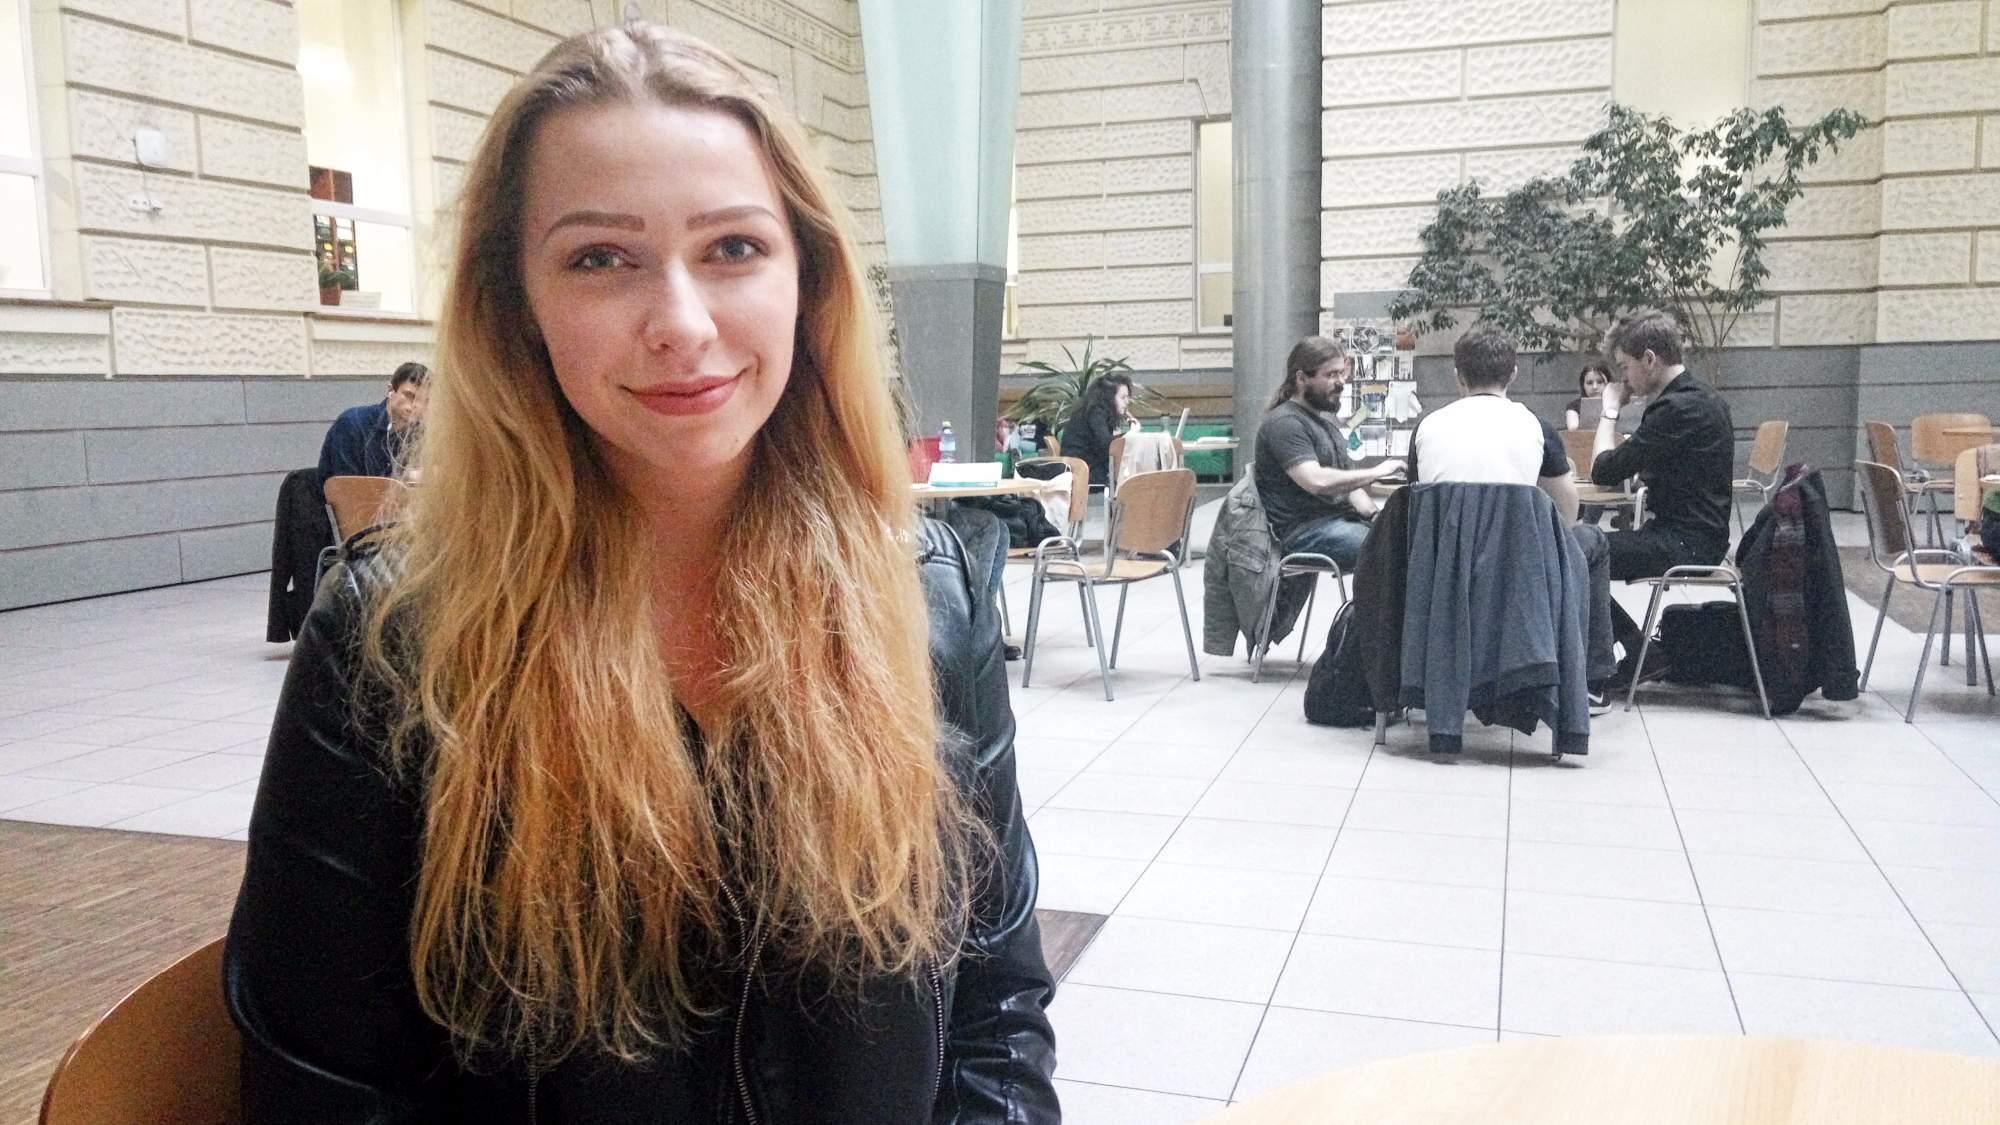 Erasmus Karin Majerčákovou nadchnul tolik, že se ihned po příjezdu domů přihlásila na další.   FOTO: Michaela Lebedíková